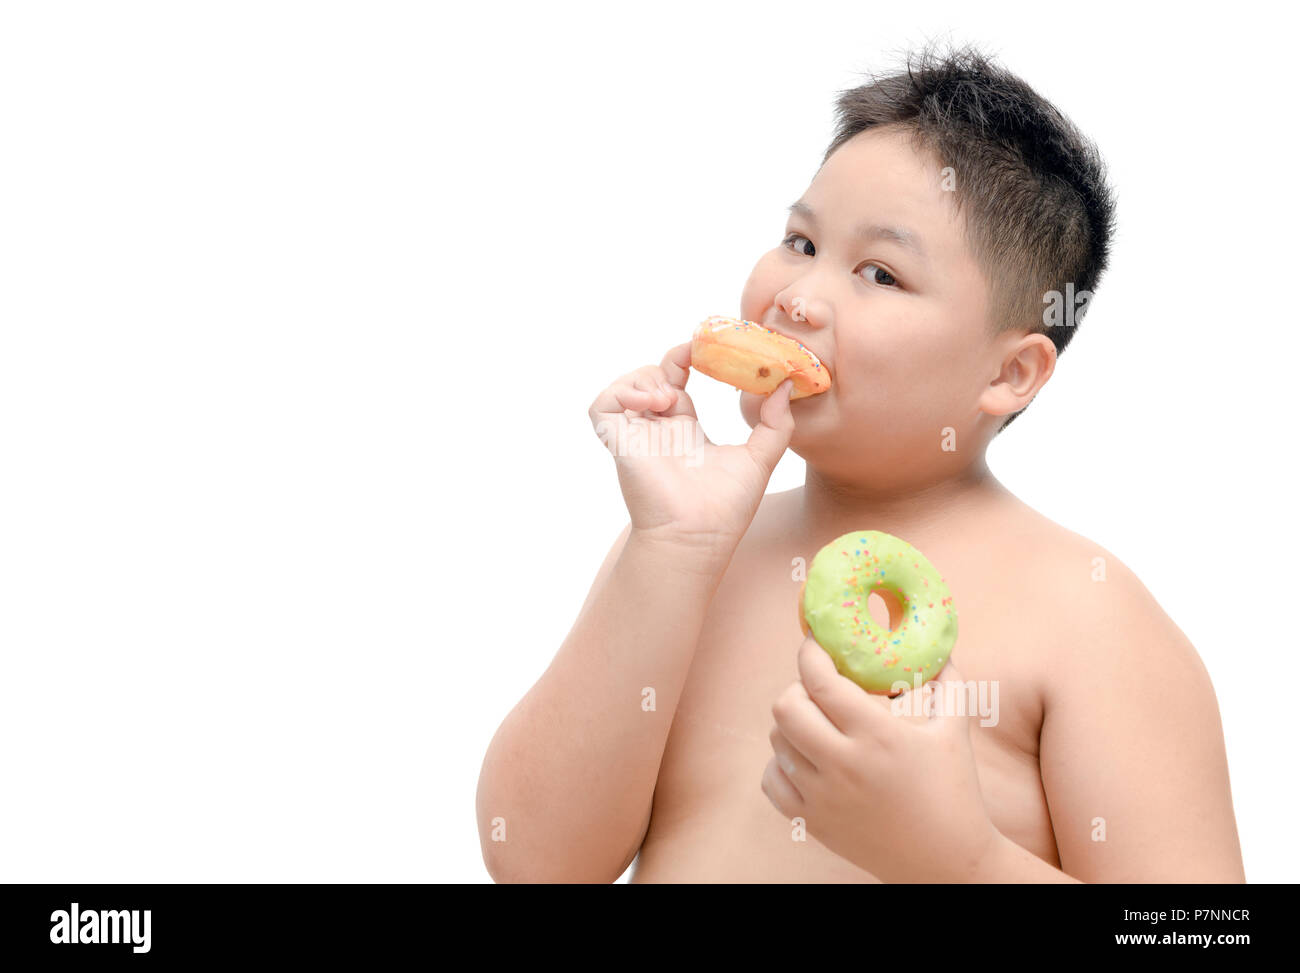 Obesi Fat Boy è mangiare ciambella isolati su sfondo bianco, il cibo spazzatura e concetto di dieta Immagini Stock